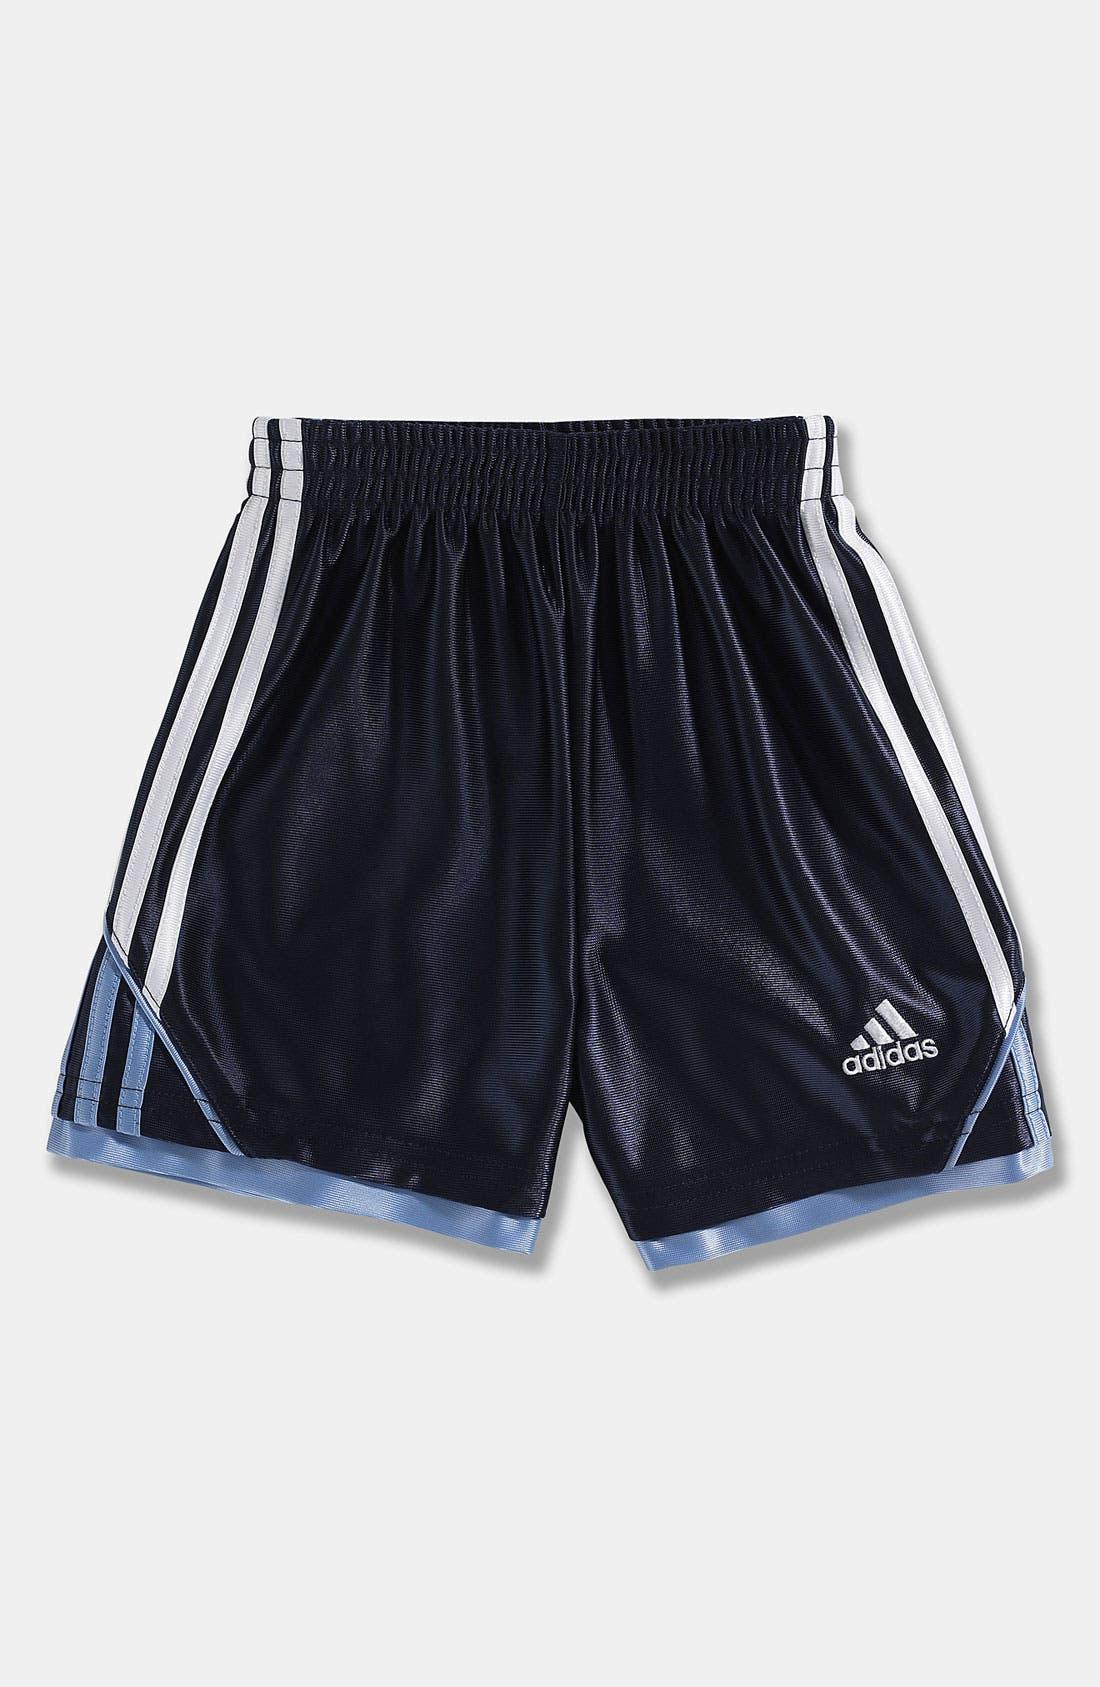 Main Image - adidas 'Prime Dazzle' Shorts (Toddler)